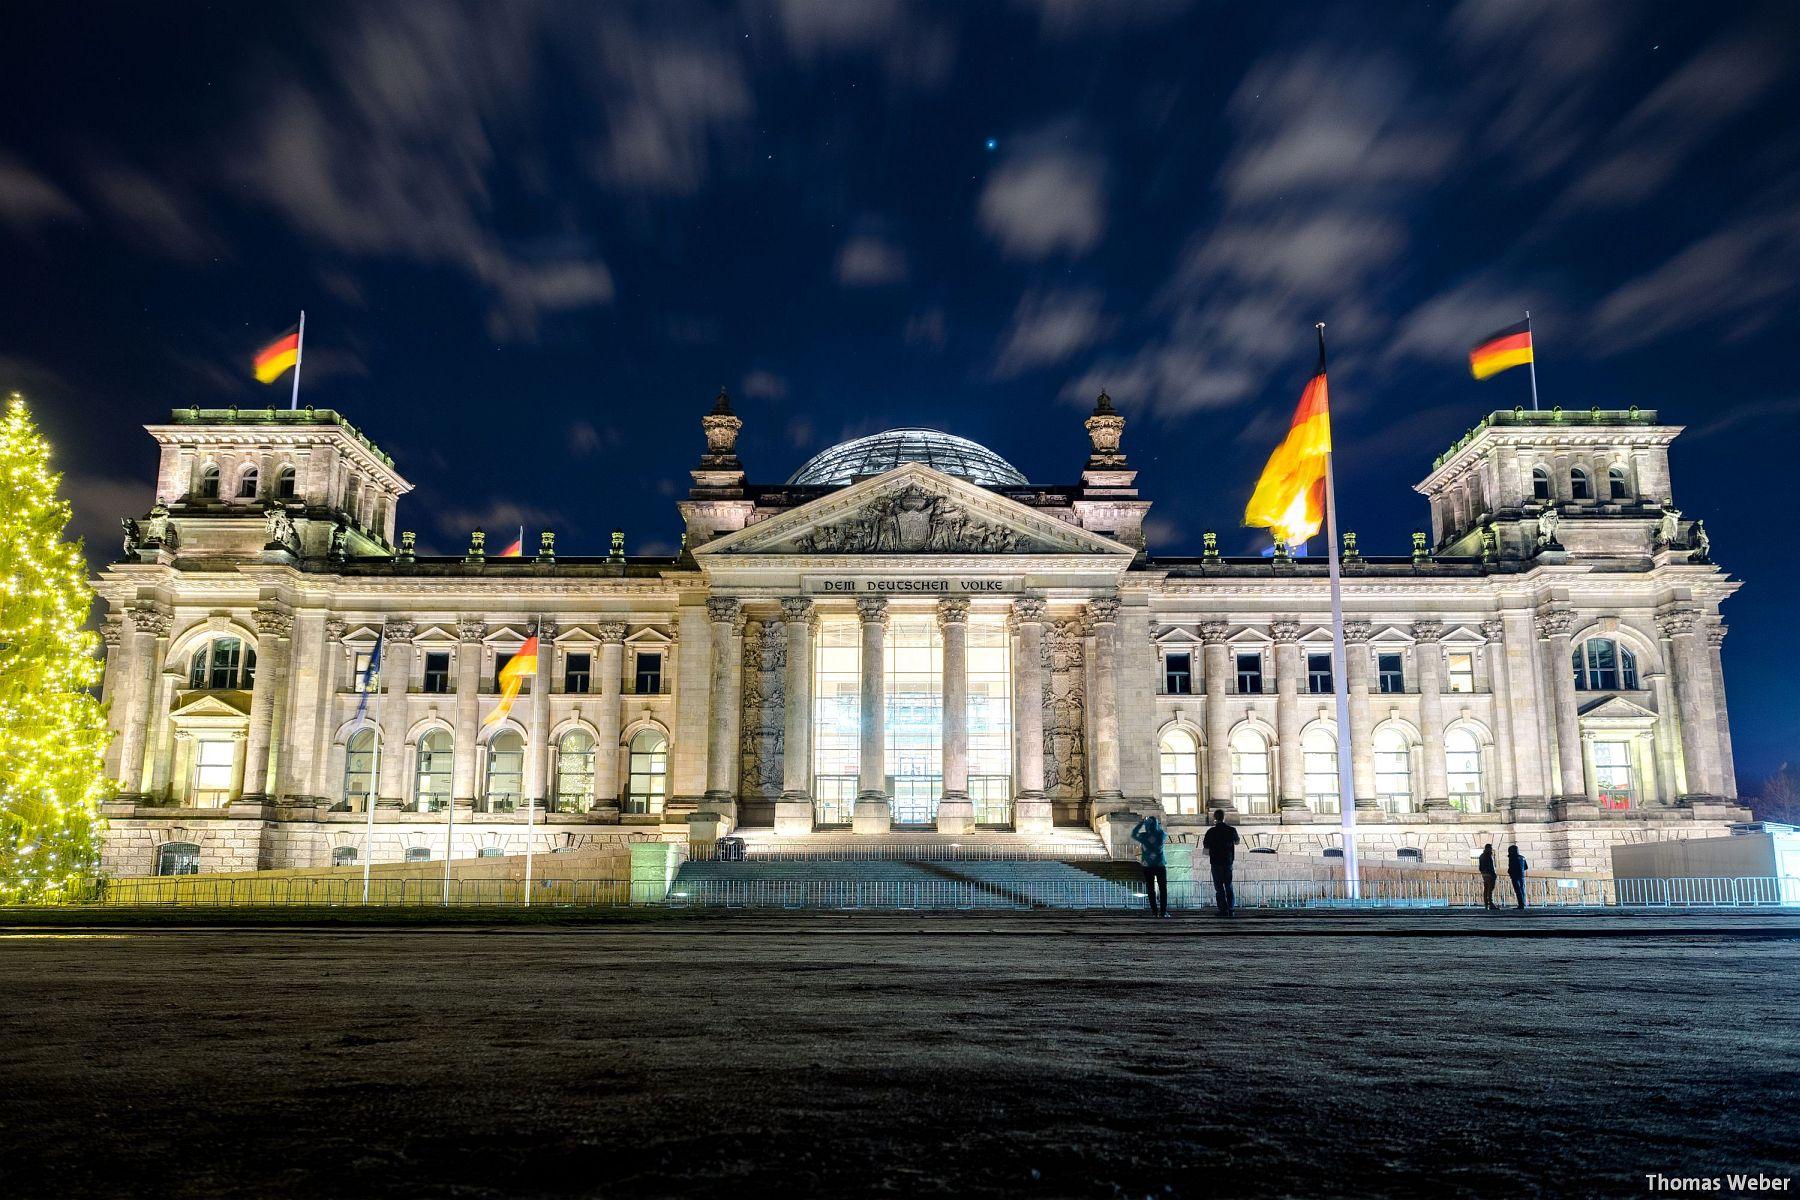 Fotograf Thomas Weber aus Oldenburg: Der Reichstag in Berlin bei Nacht